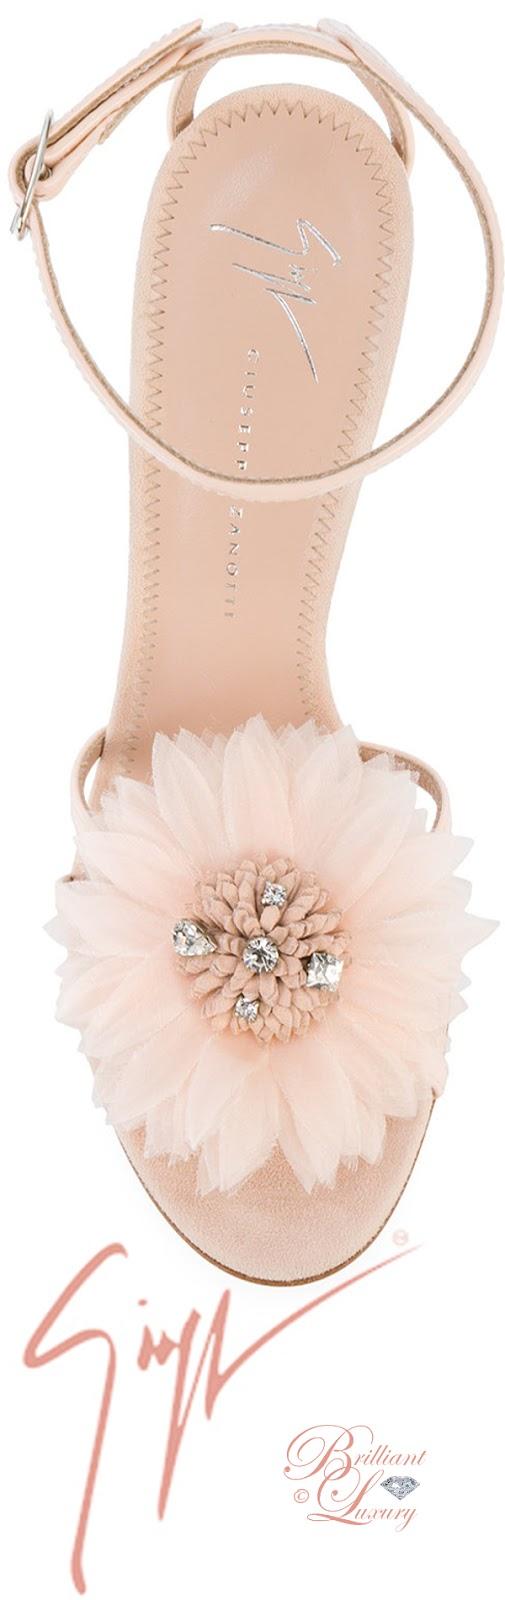 Brilliant Luxury ♦ Giuseppe Zanotti feather applique sandals